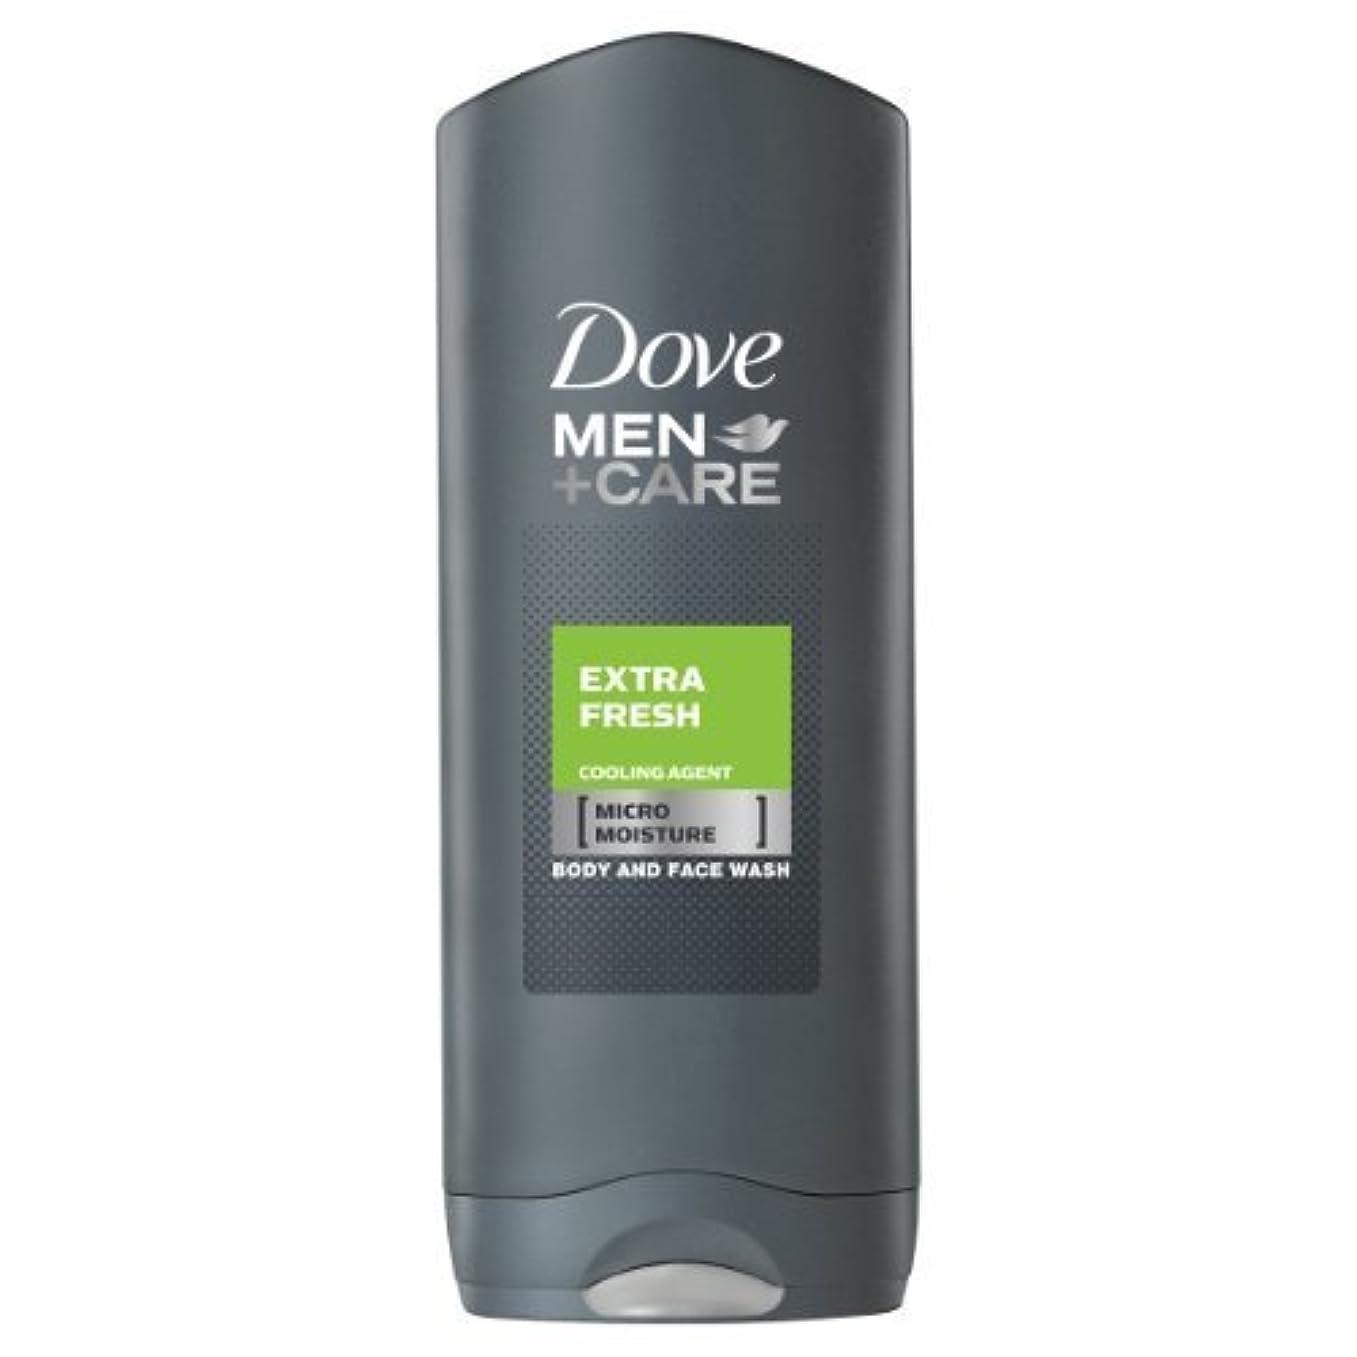 分析的なパール渇きDove for Men Extra Fresh Body and Face Wash 250 ml by Dove [並行輸入品]